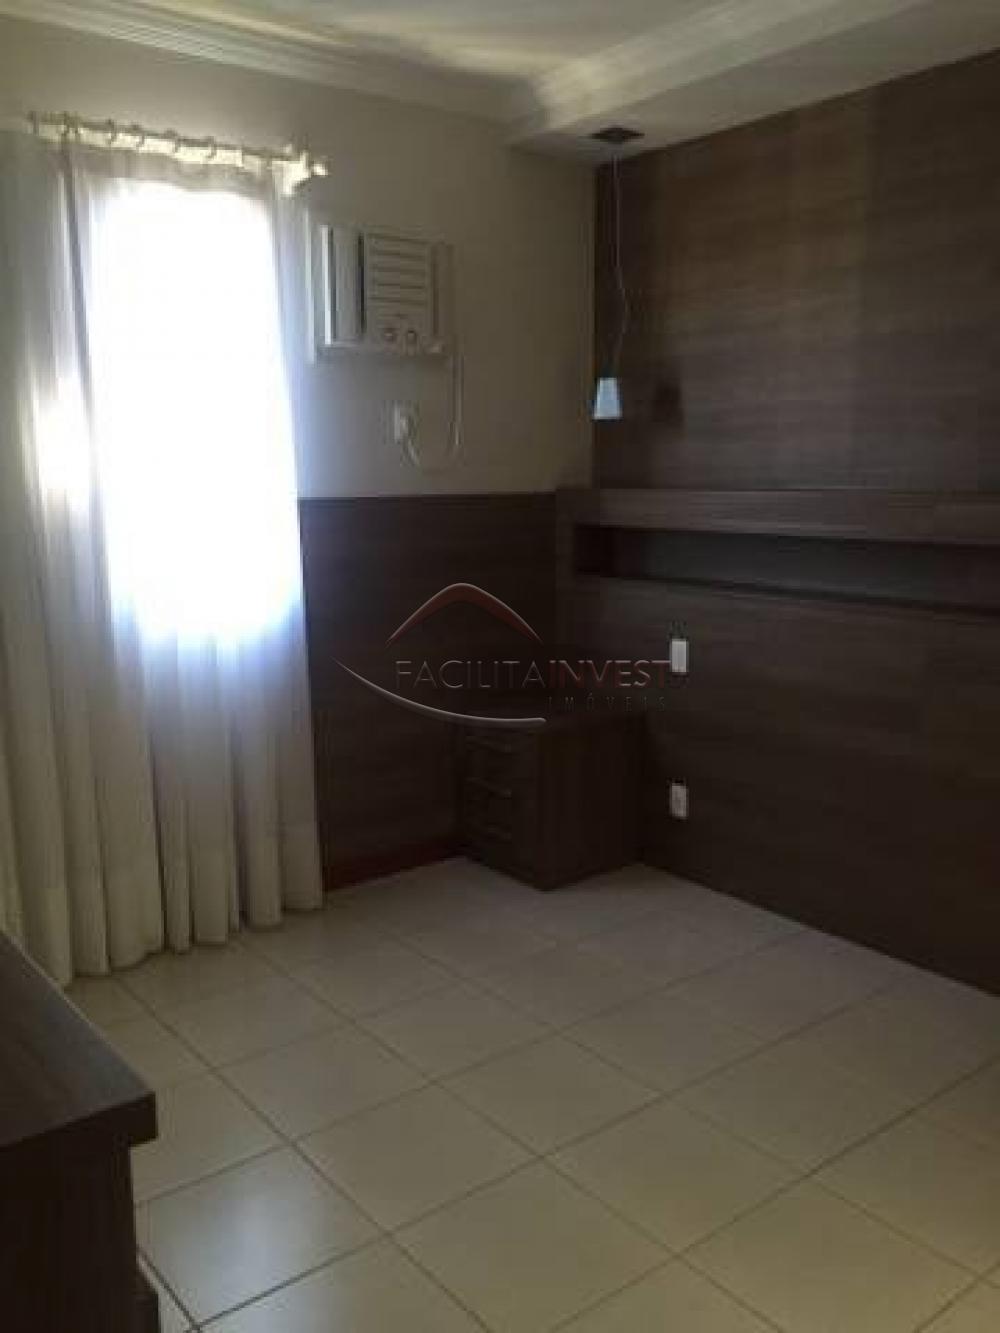 Comprar Apartamentos / Apart. Padrão em Ribeirão Preto apenas R$ 800.000,00 - Foto 24